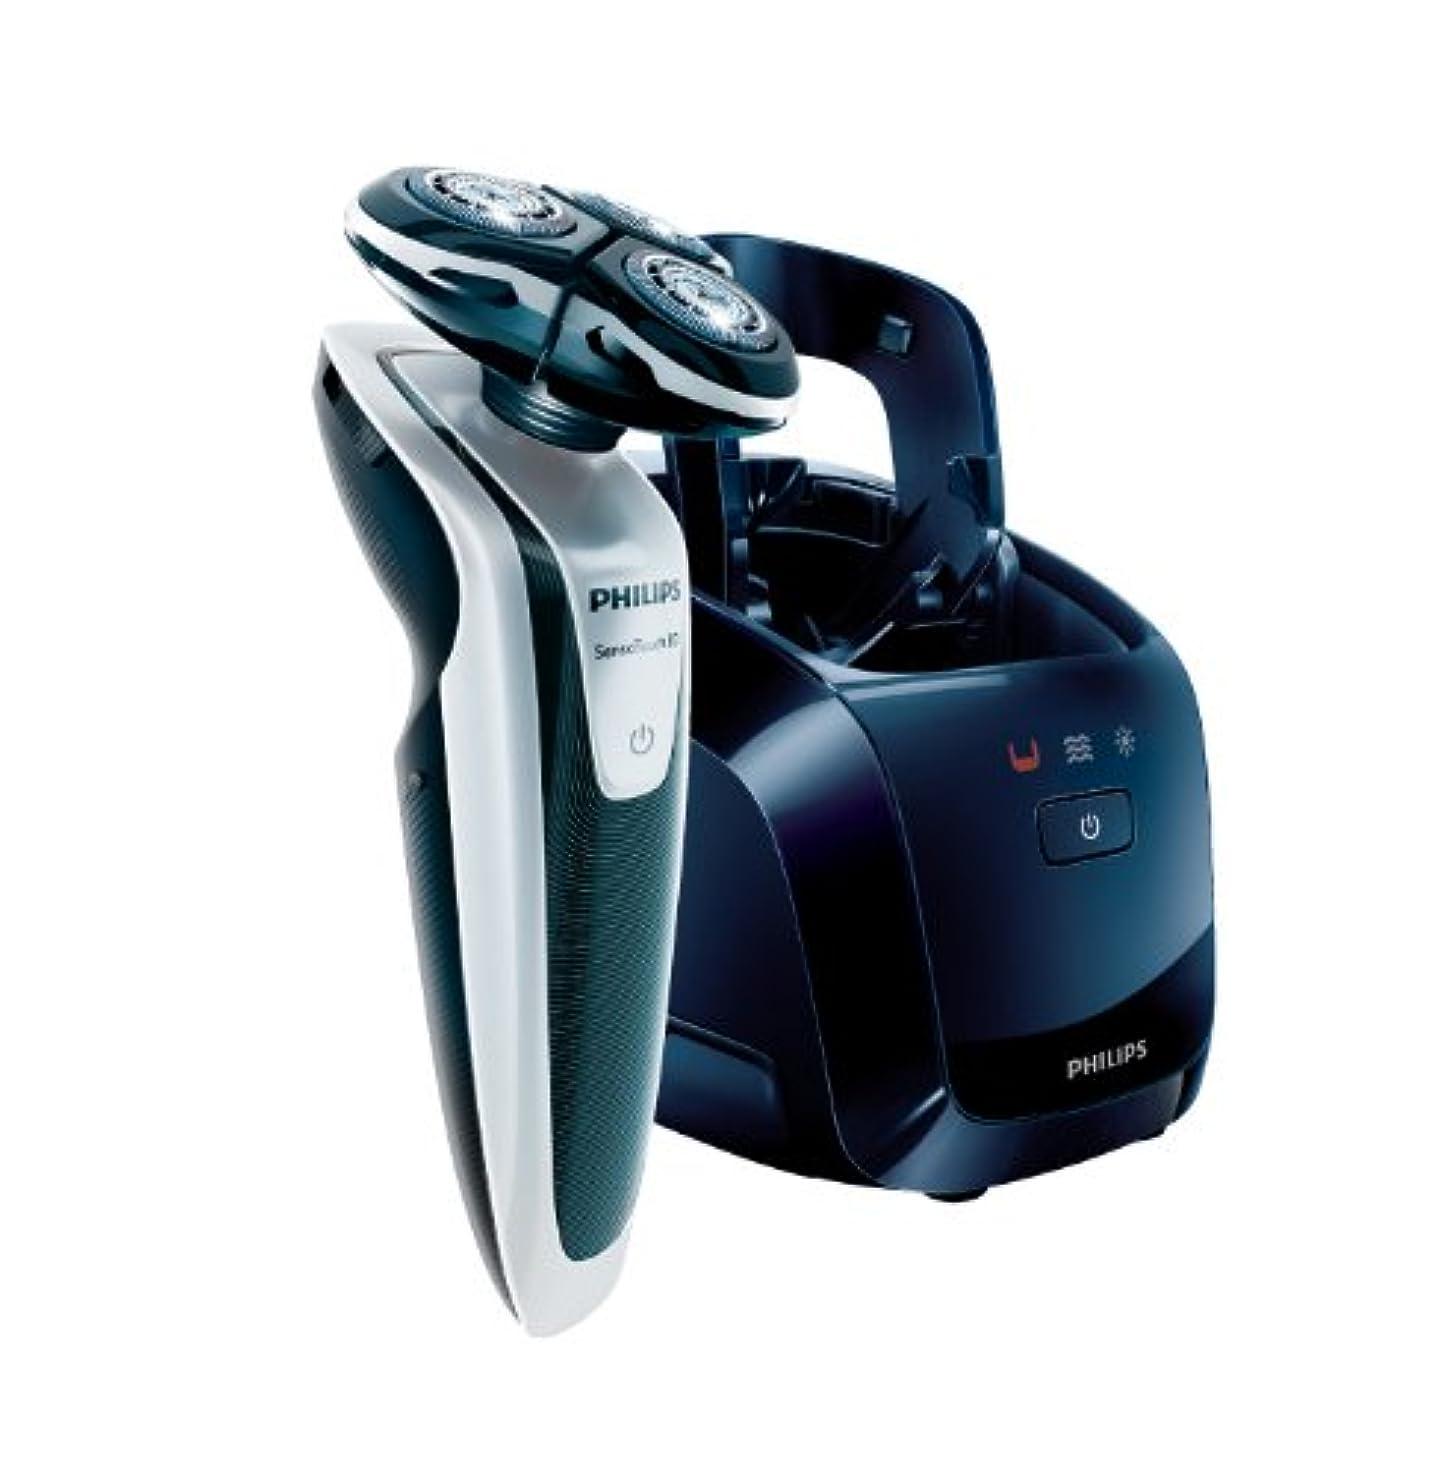 知恵骨髄スキニーフィリップス シェーバー センソタッチ3D【洗浄充電器付】RQ1251CC